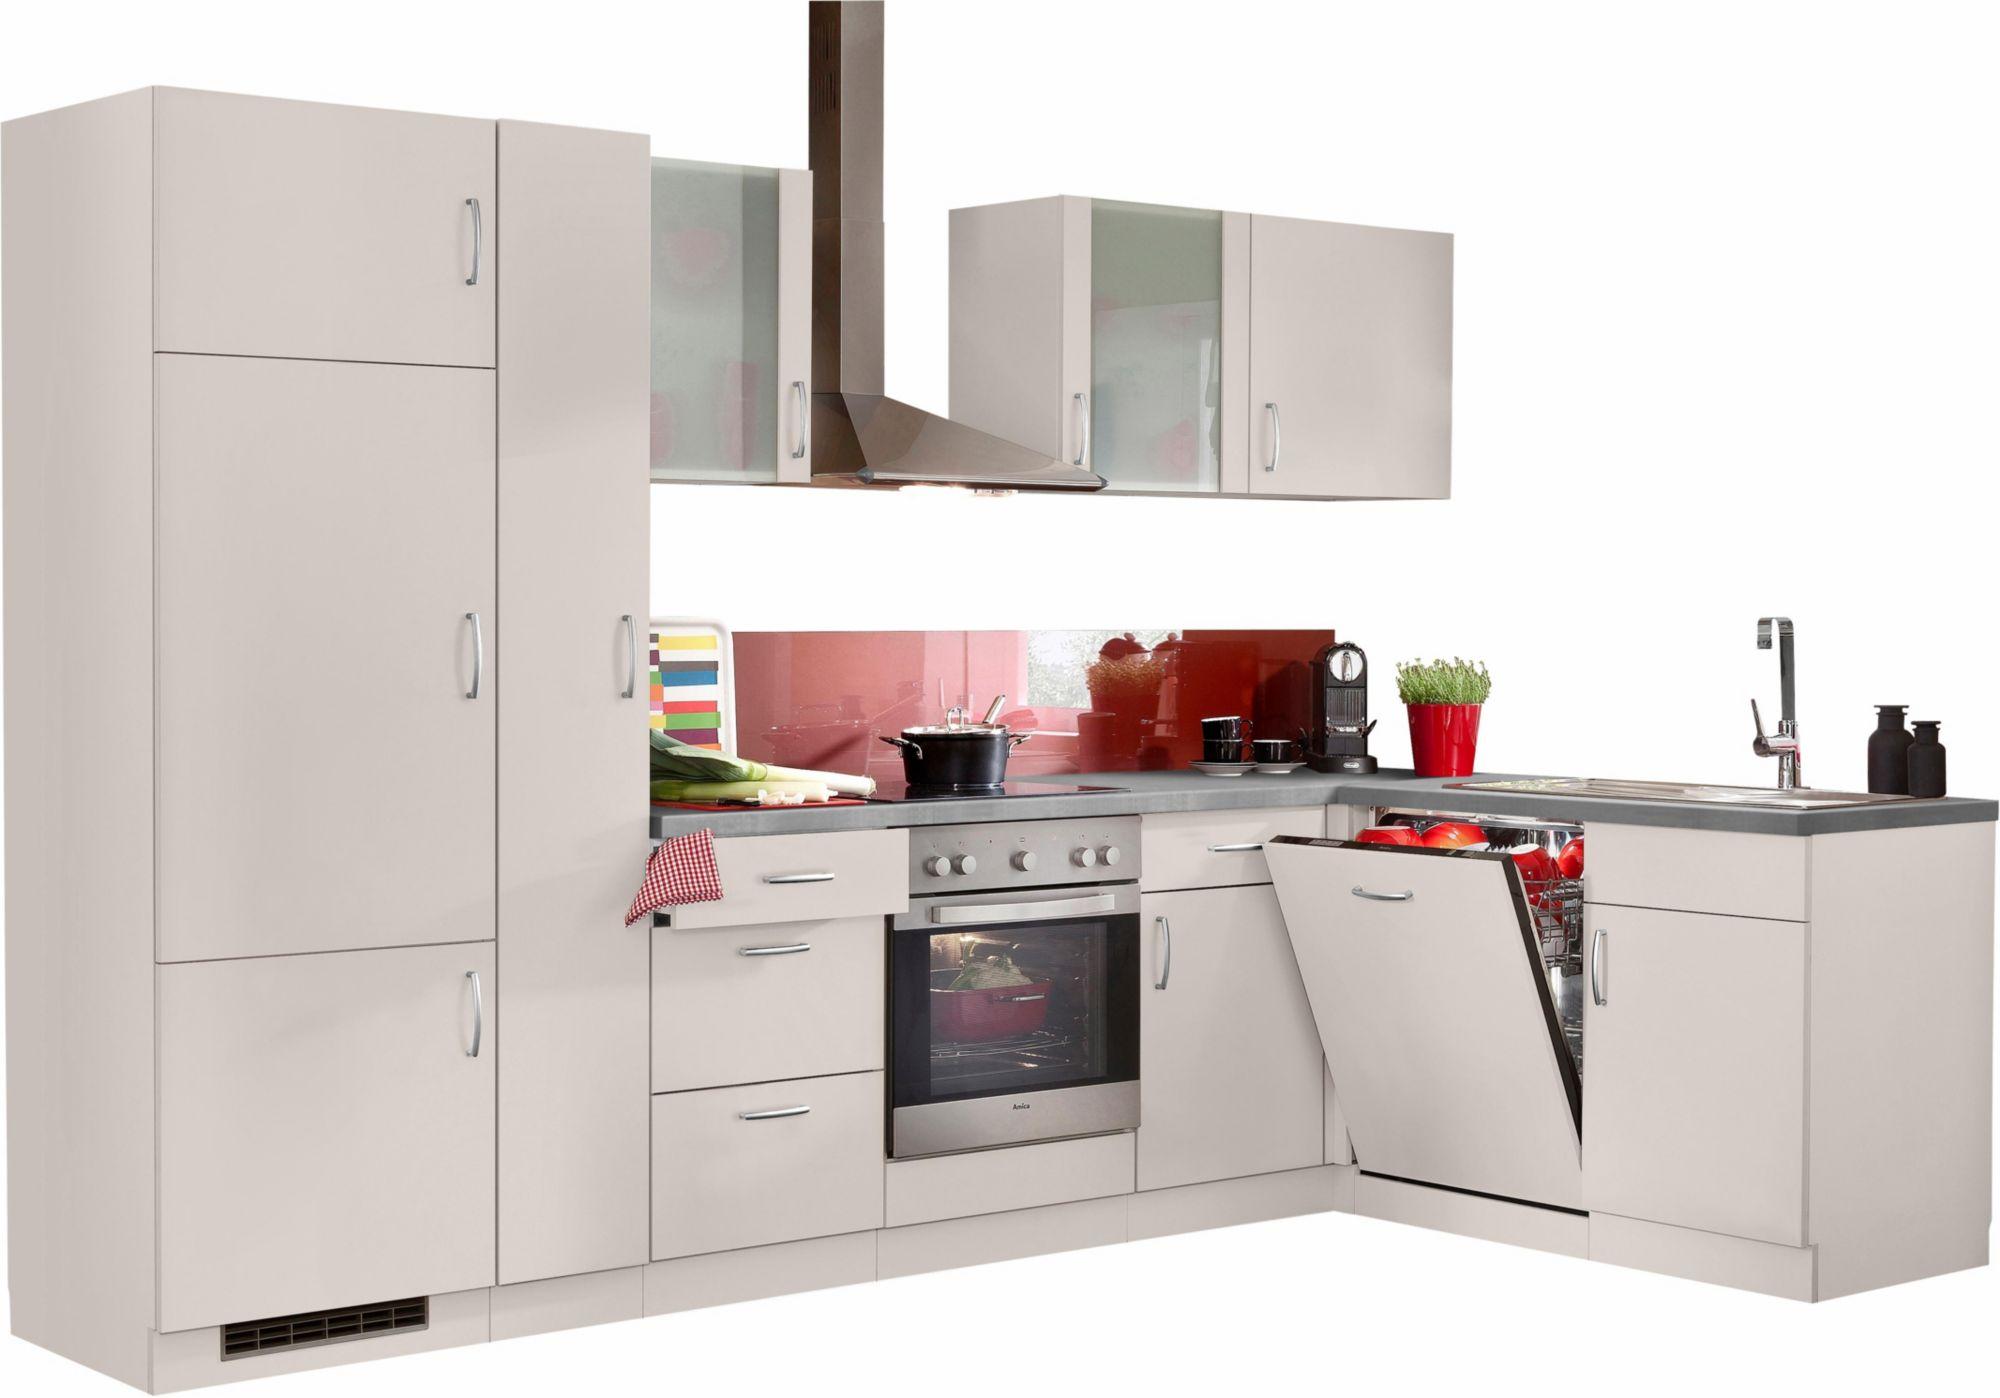 Siemens Kühlschrank Von Fahrenheit Auf Celsius Umstellen : Aktuelle angebote kaufroboter die discounter suchmaschine